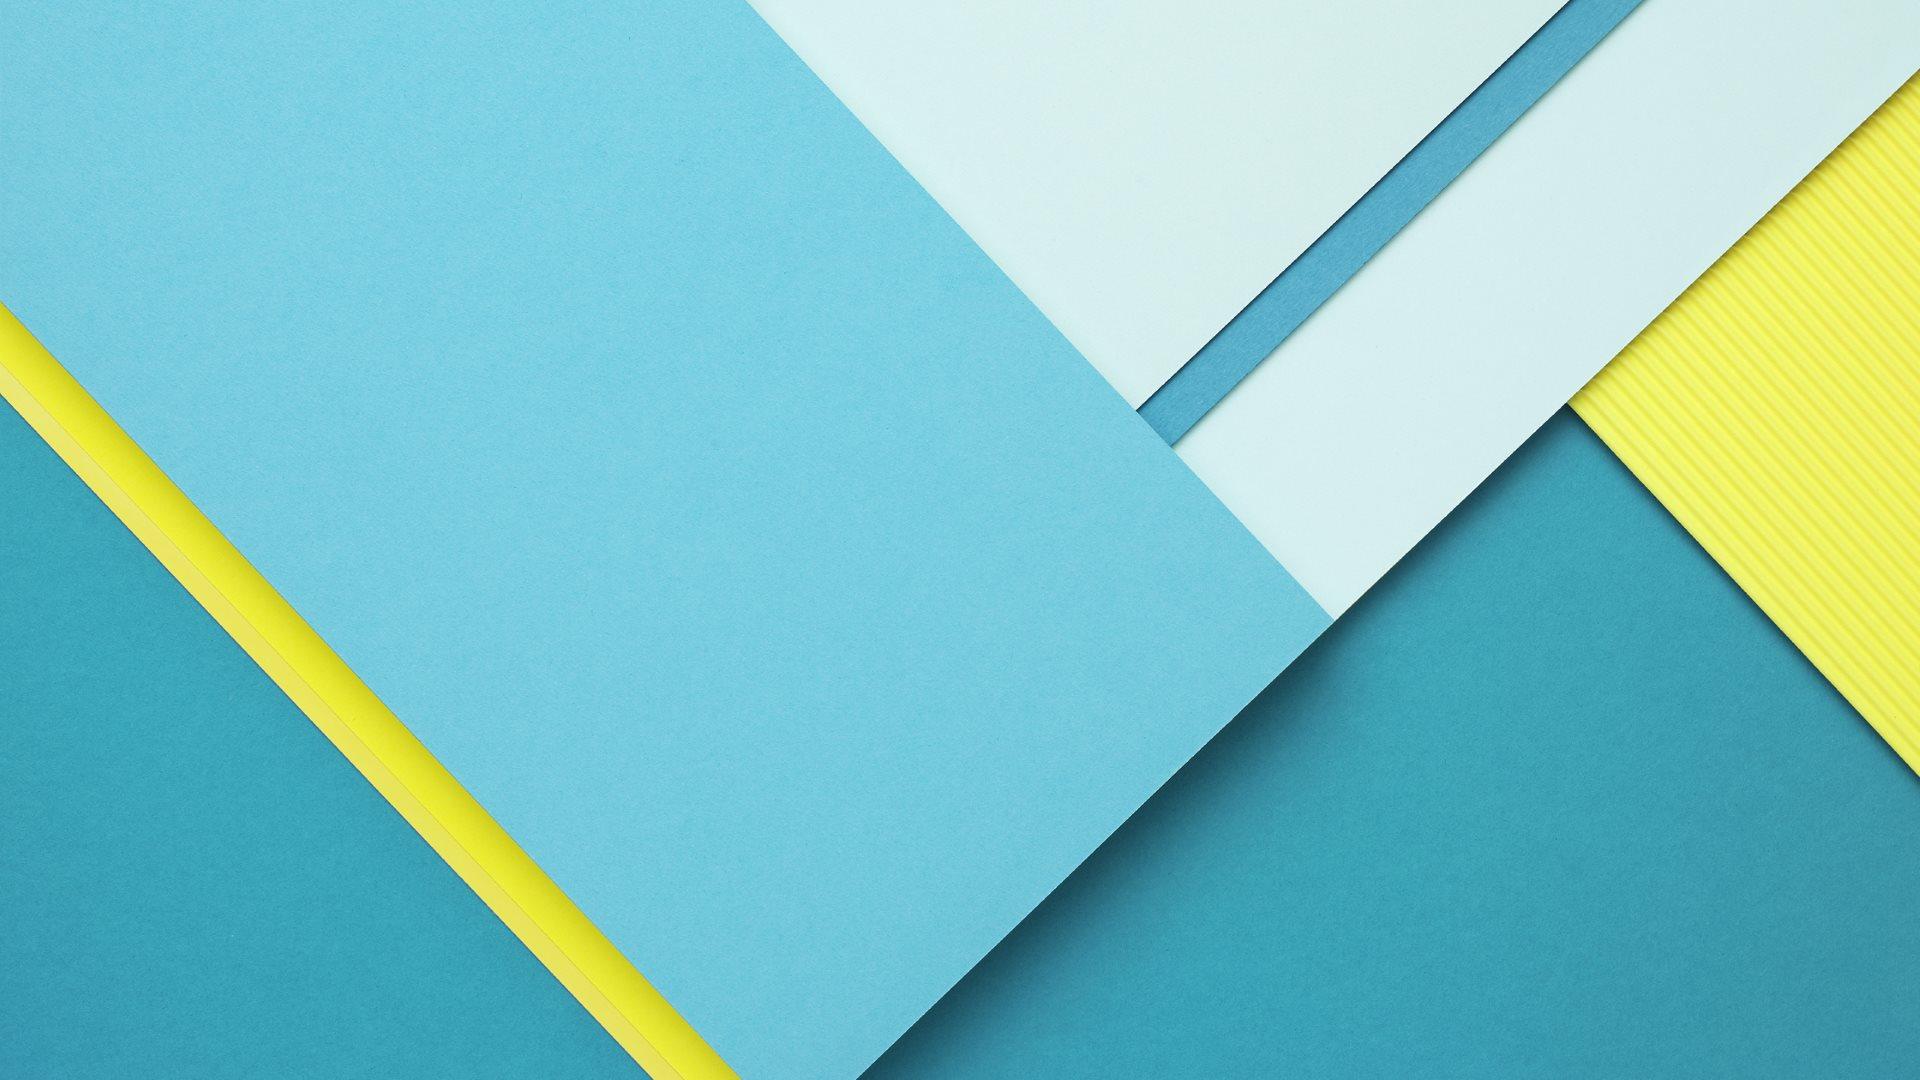 Material Design Hd Desktop Wallpaper 23164: Material Wallpapers PC